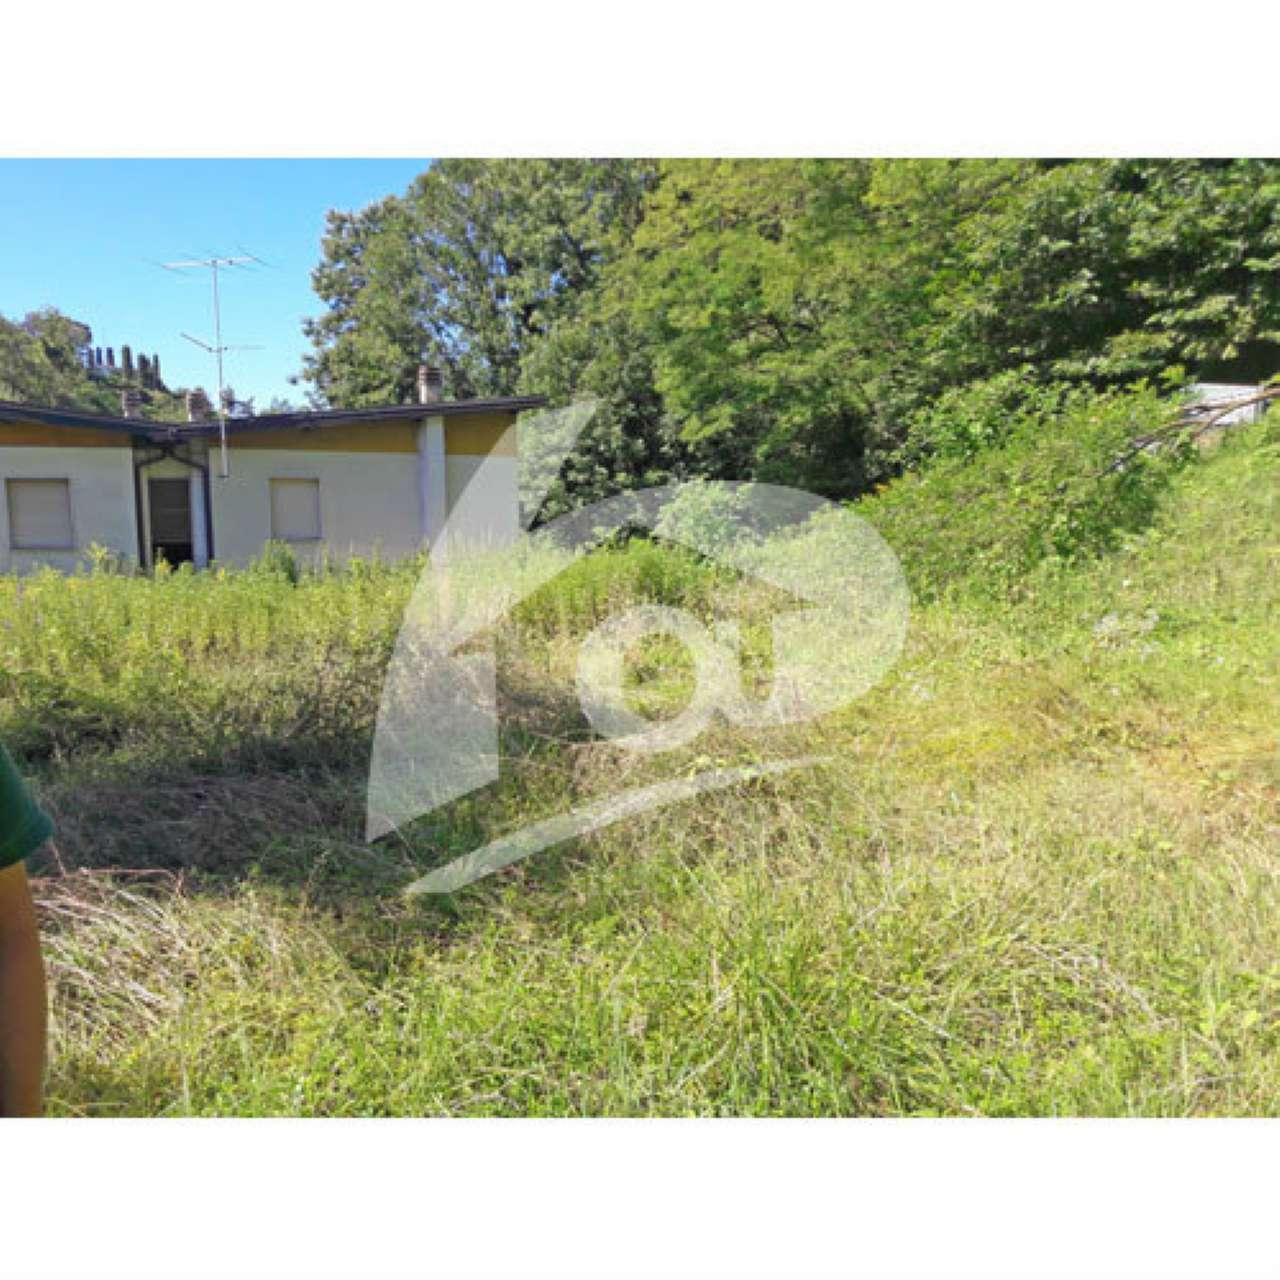 Terreno Edificabile Residenziale in vendita a Laveno-Mombello, 9999 locali, prezzo € 85.000 | CambioCasa.it